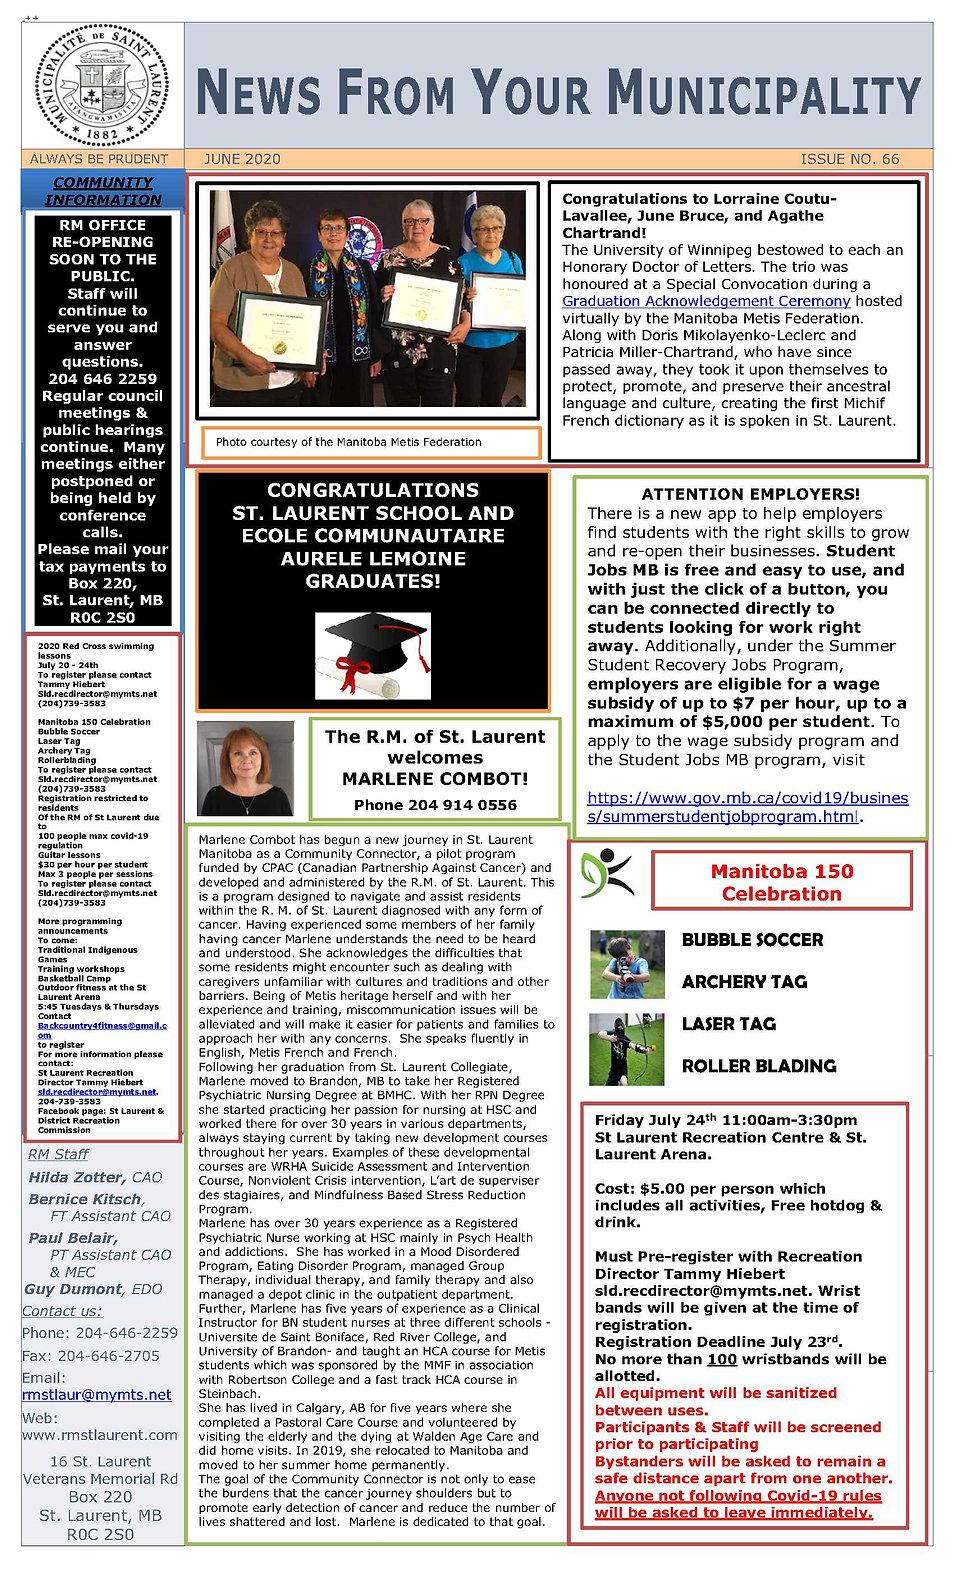 RM Newsletter June2020_1.jpg